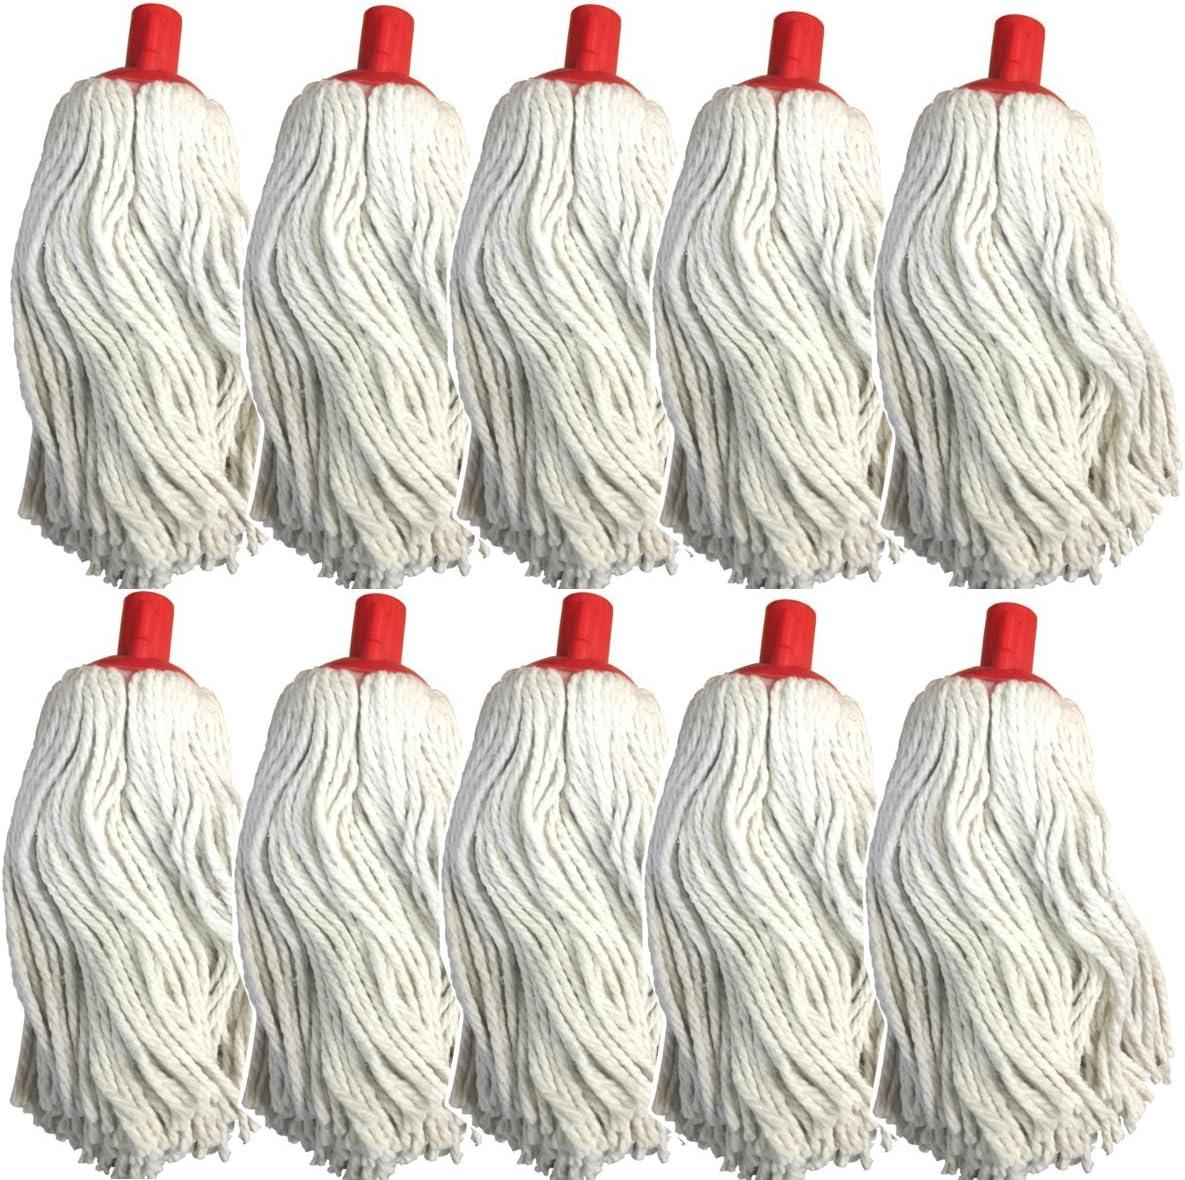 10 unidades) 16 oz cabeza fregona de algodón para cámara con ...